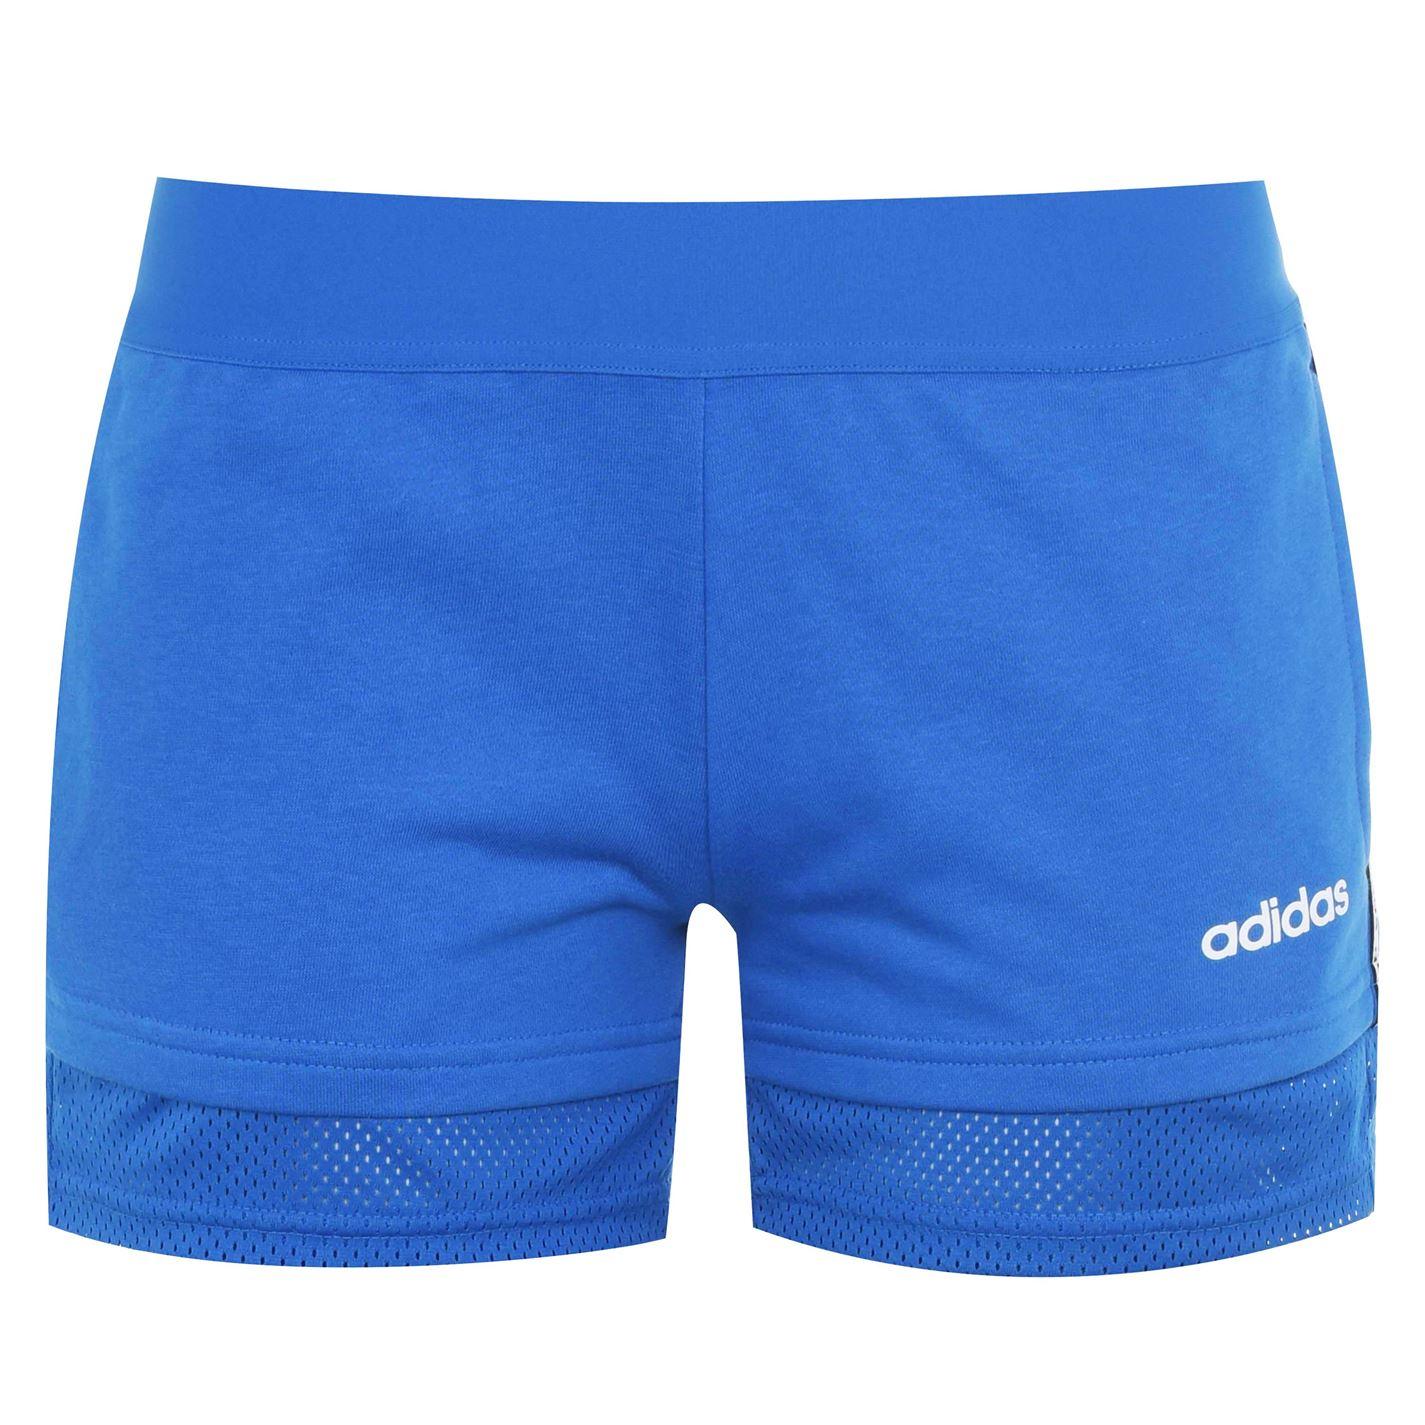 Mergi la Pantaloni scurti adidas Essentials Mini Me pentru femei albastru alb